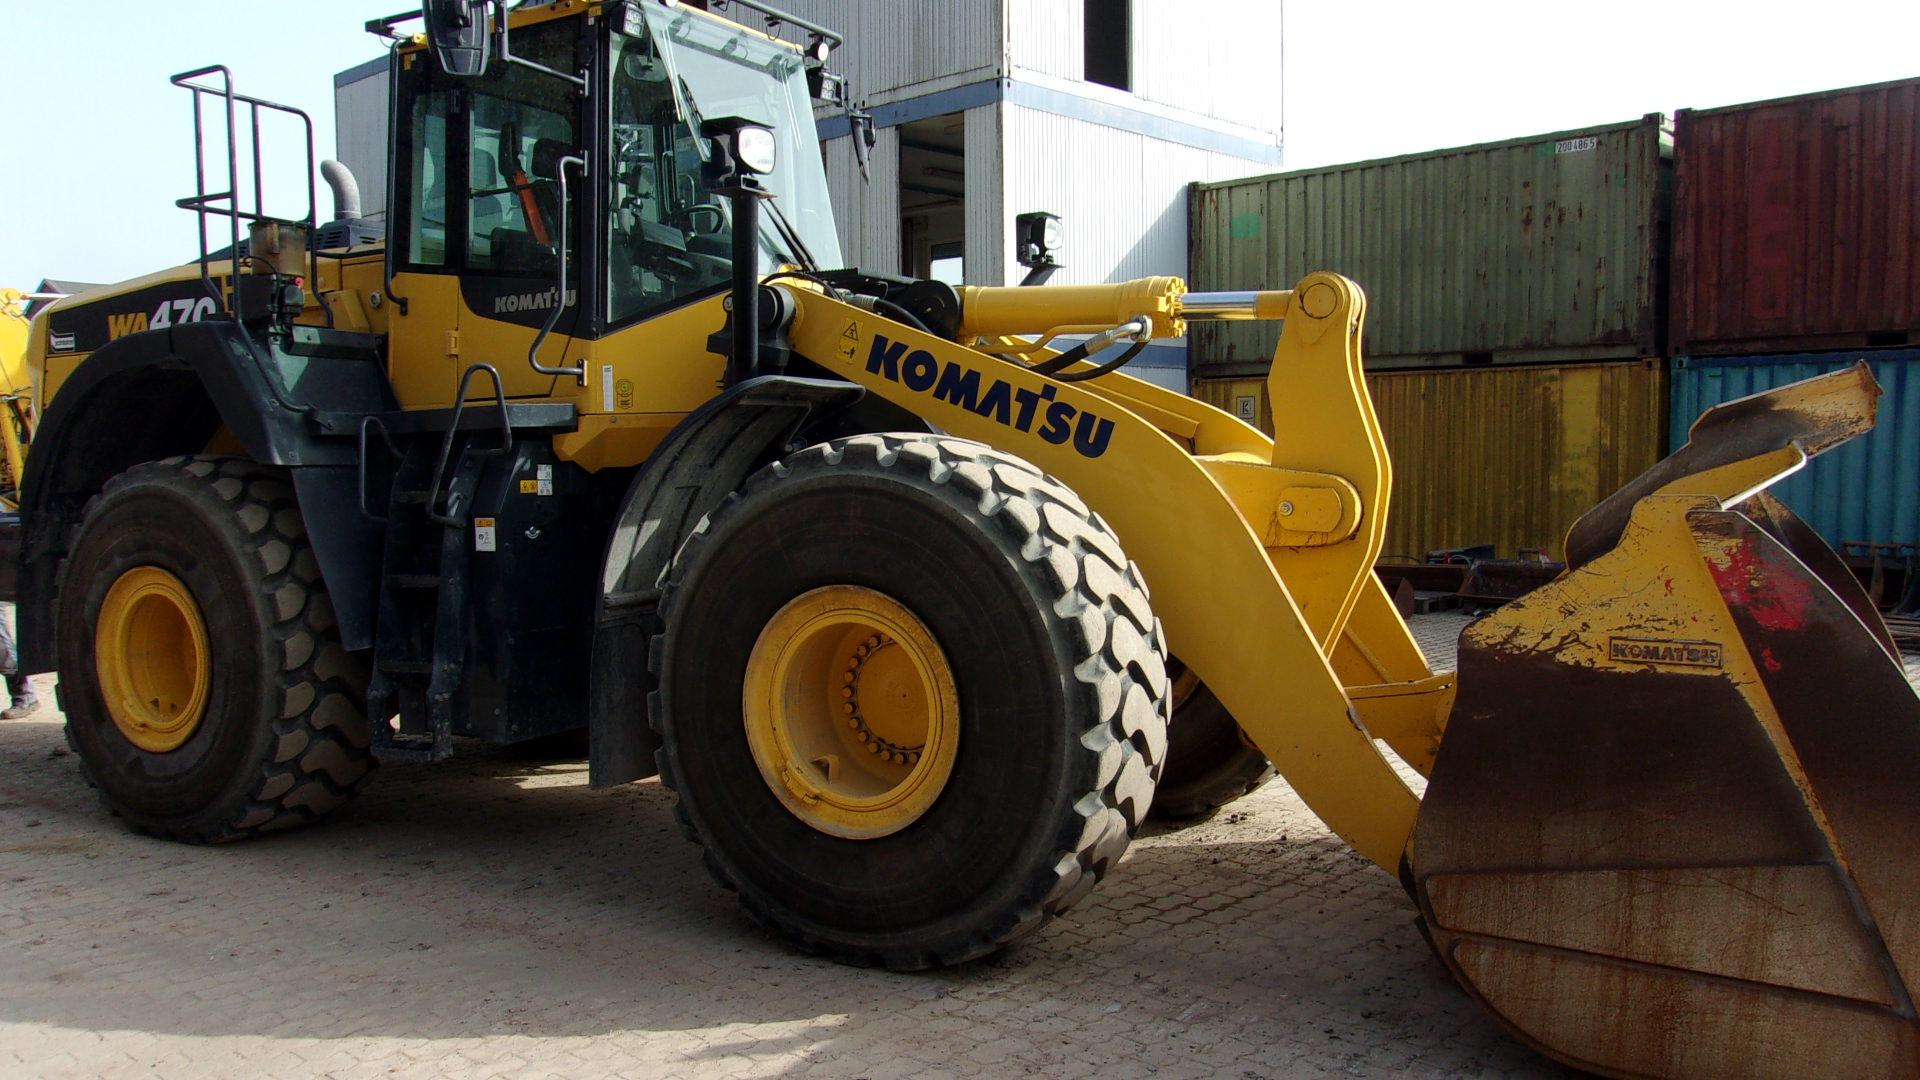 KOMATSU WA 470-8E0 - 03